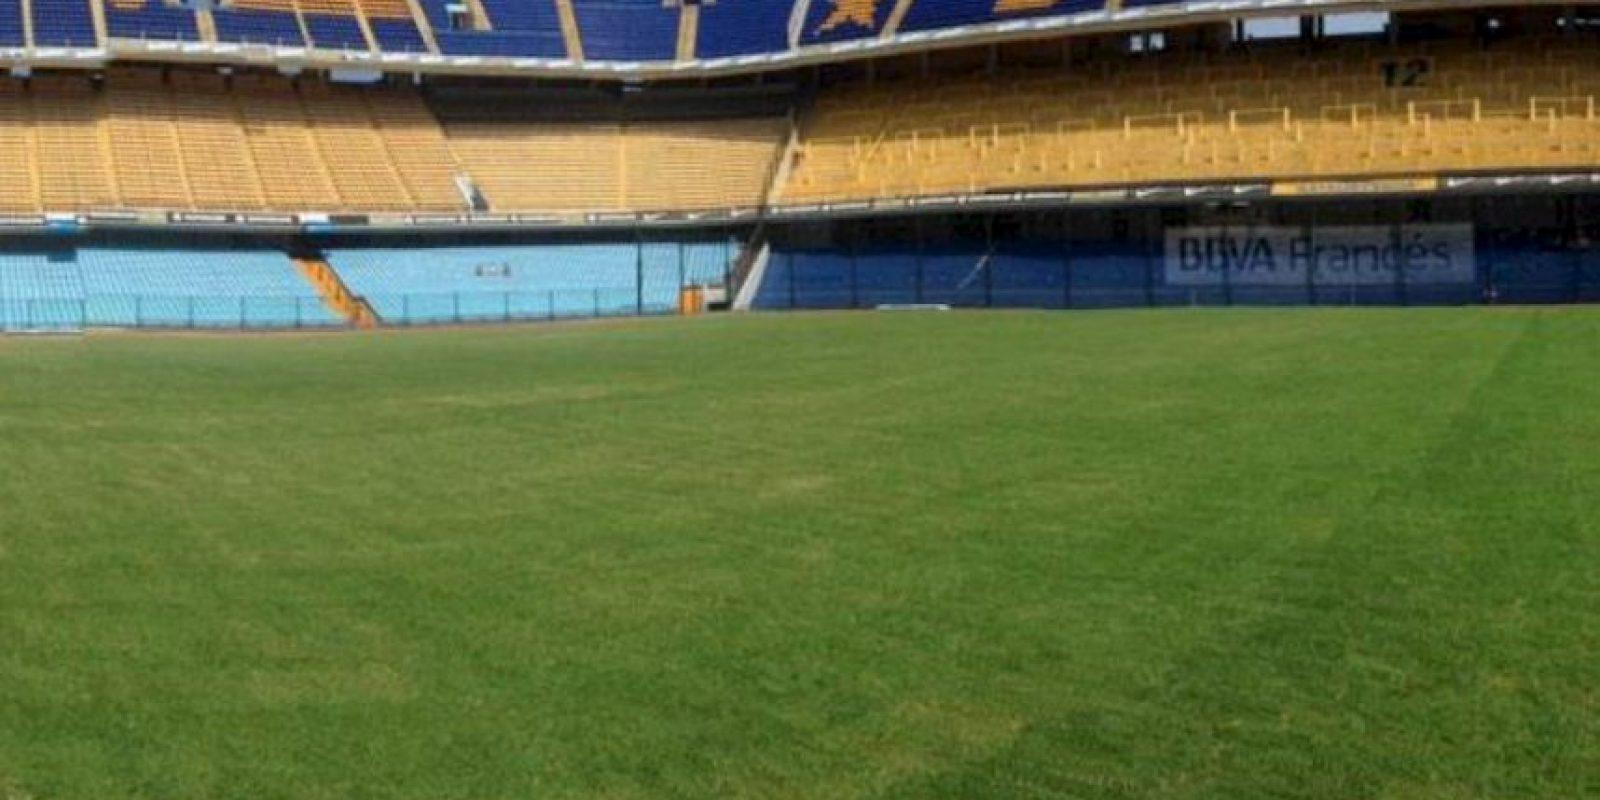 La Bombonera de Boca Juniors Foto:Wikipedia